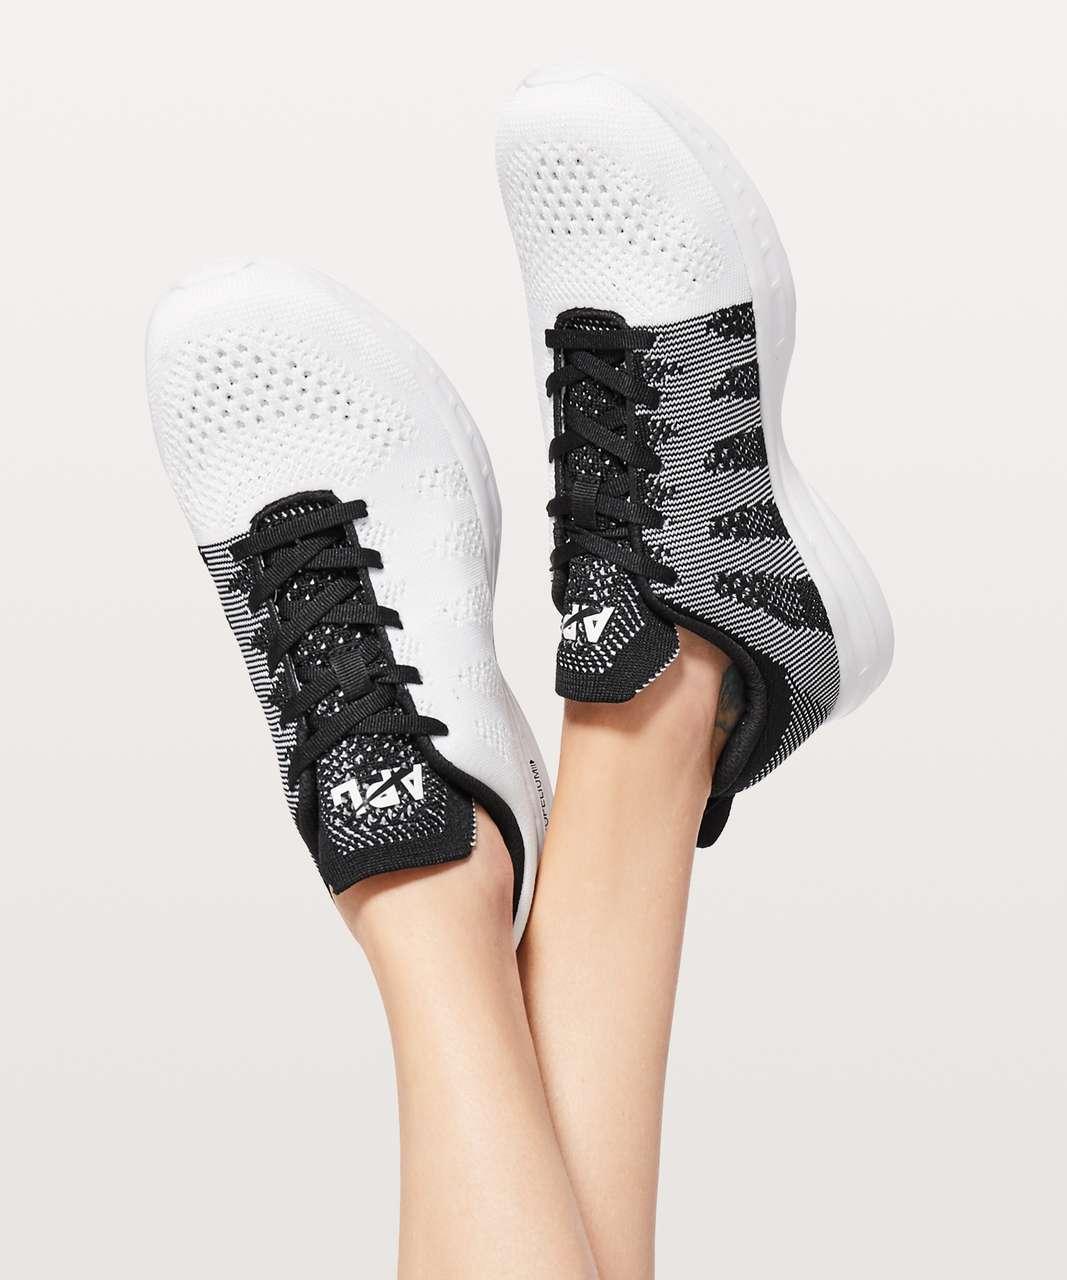 Lululemon Womens TechLoom Pro Shoe - White / Black / White